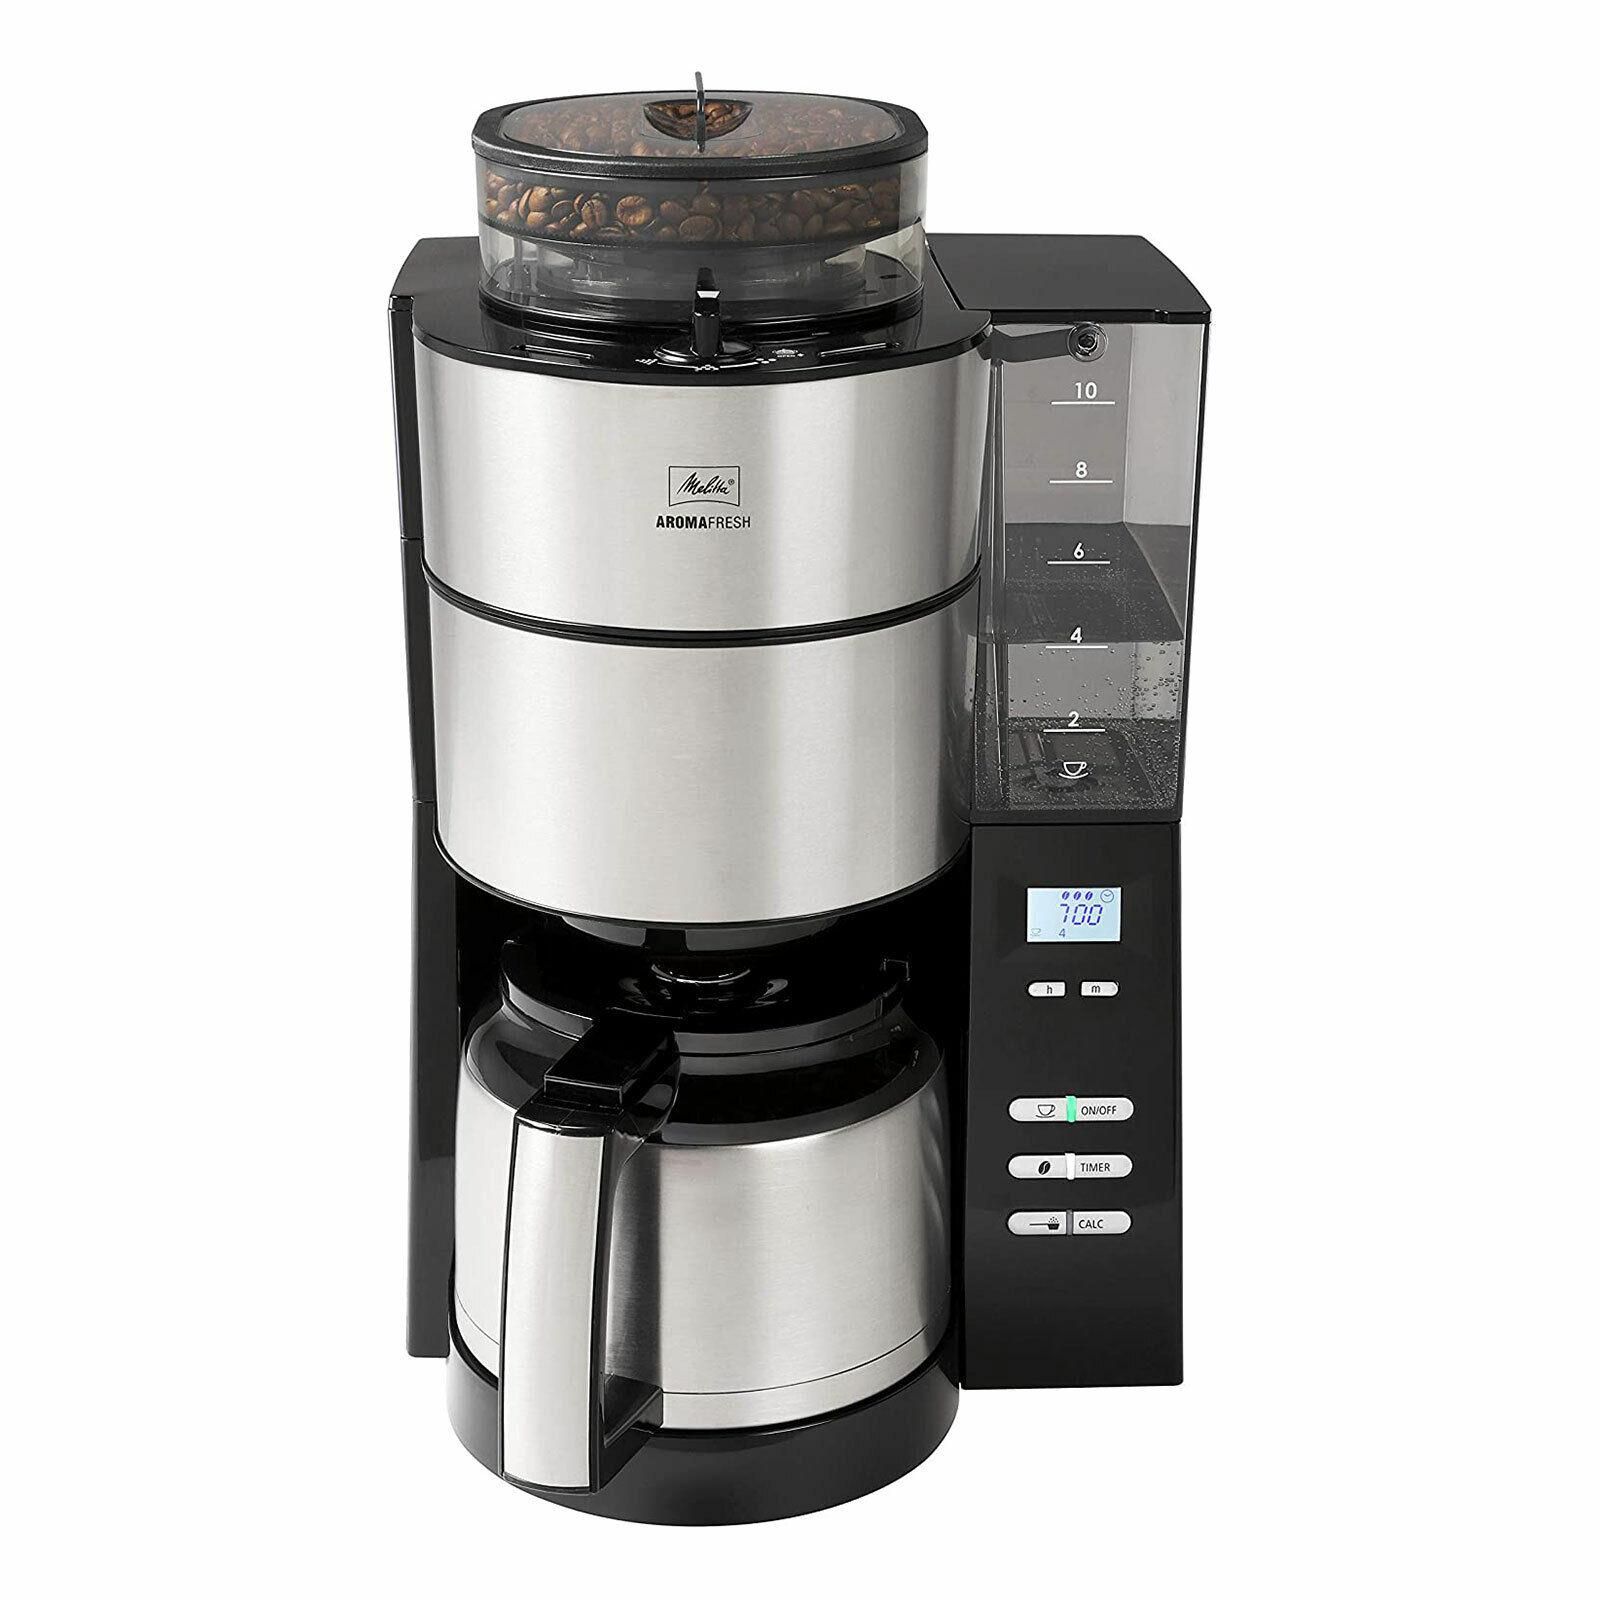 MELITTA 1021-12 Aroma Fresh Kaffeemaschine Filterkaffeemaschine Thermoskanne